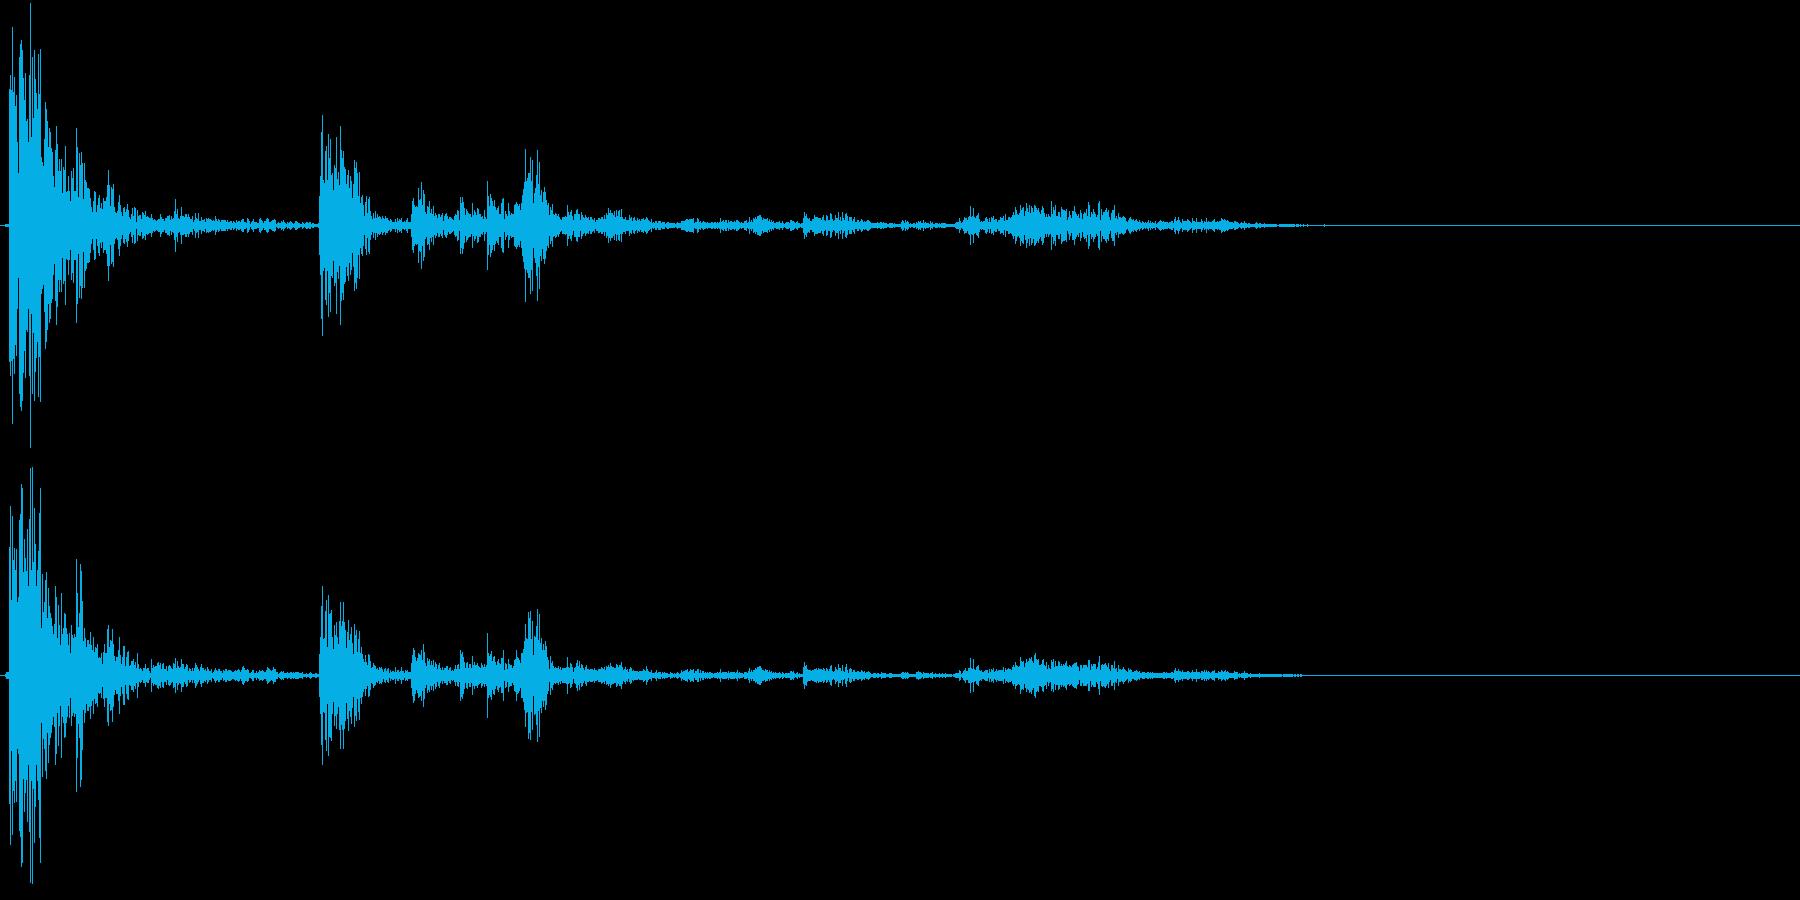 【生録音】ゴミ箱にゴミを投げ捨てる音 2の再生済みの波形